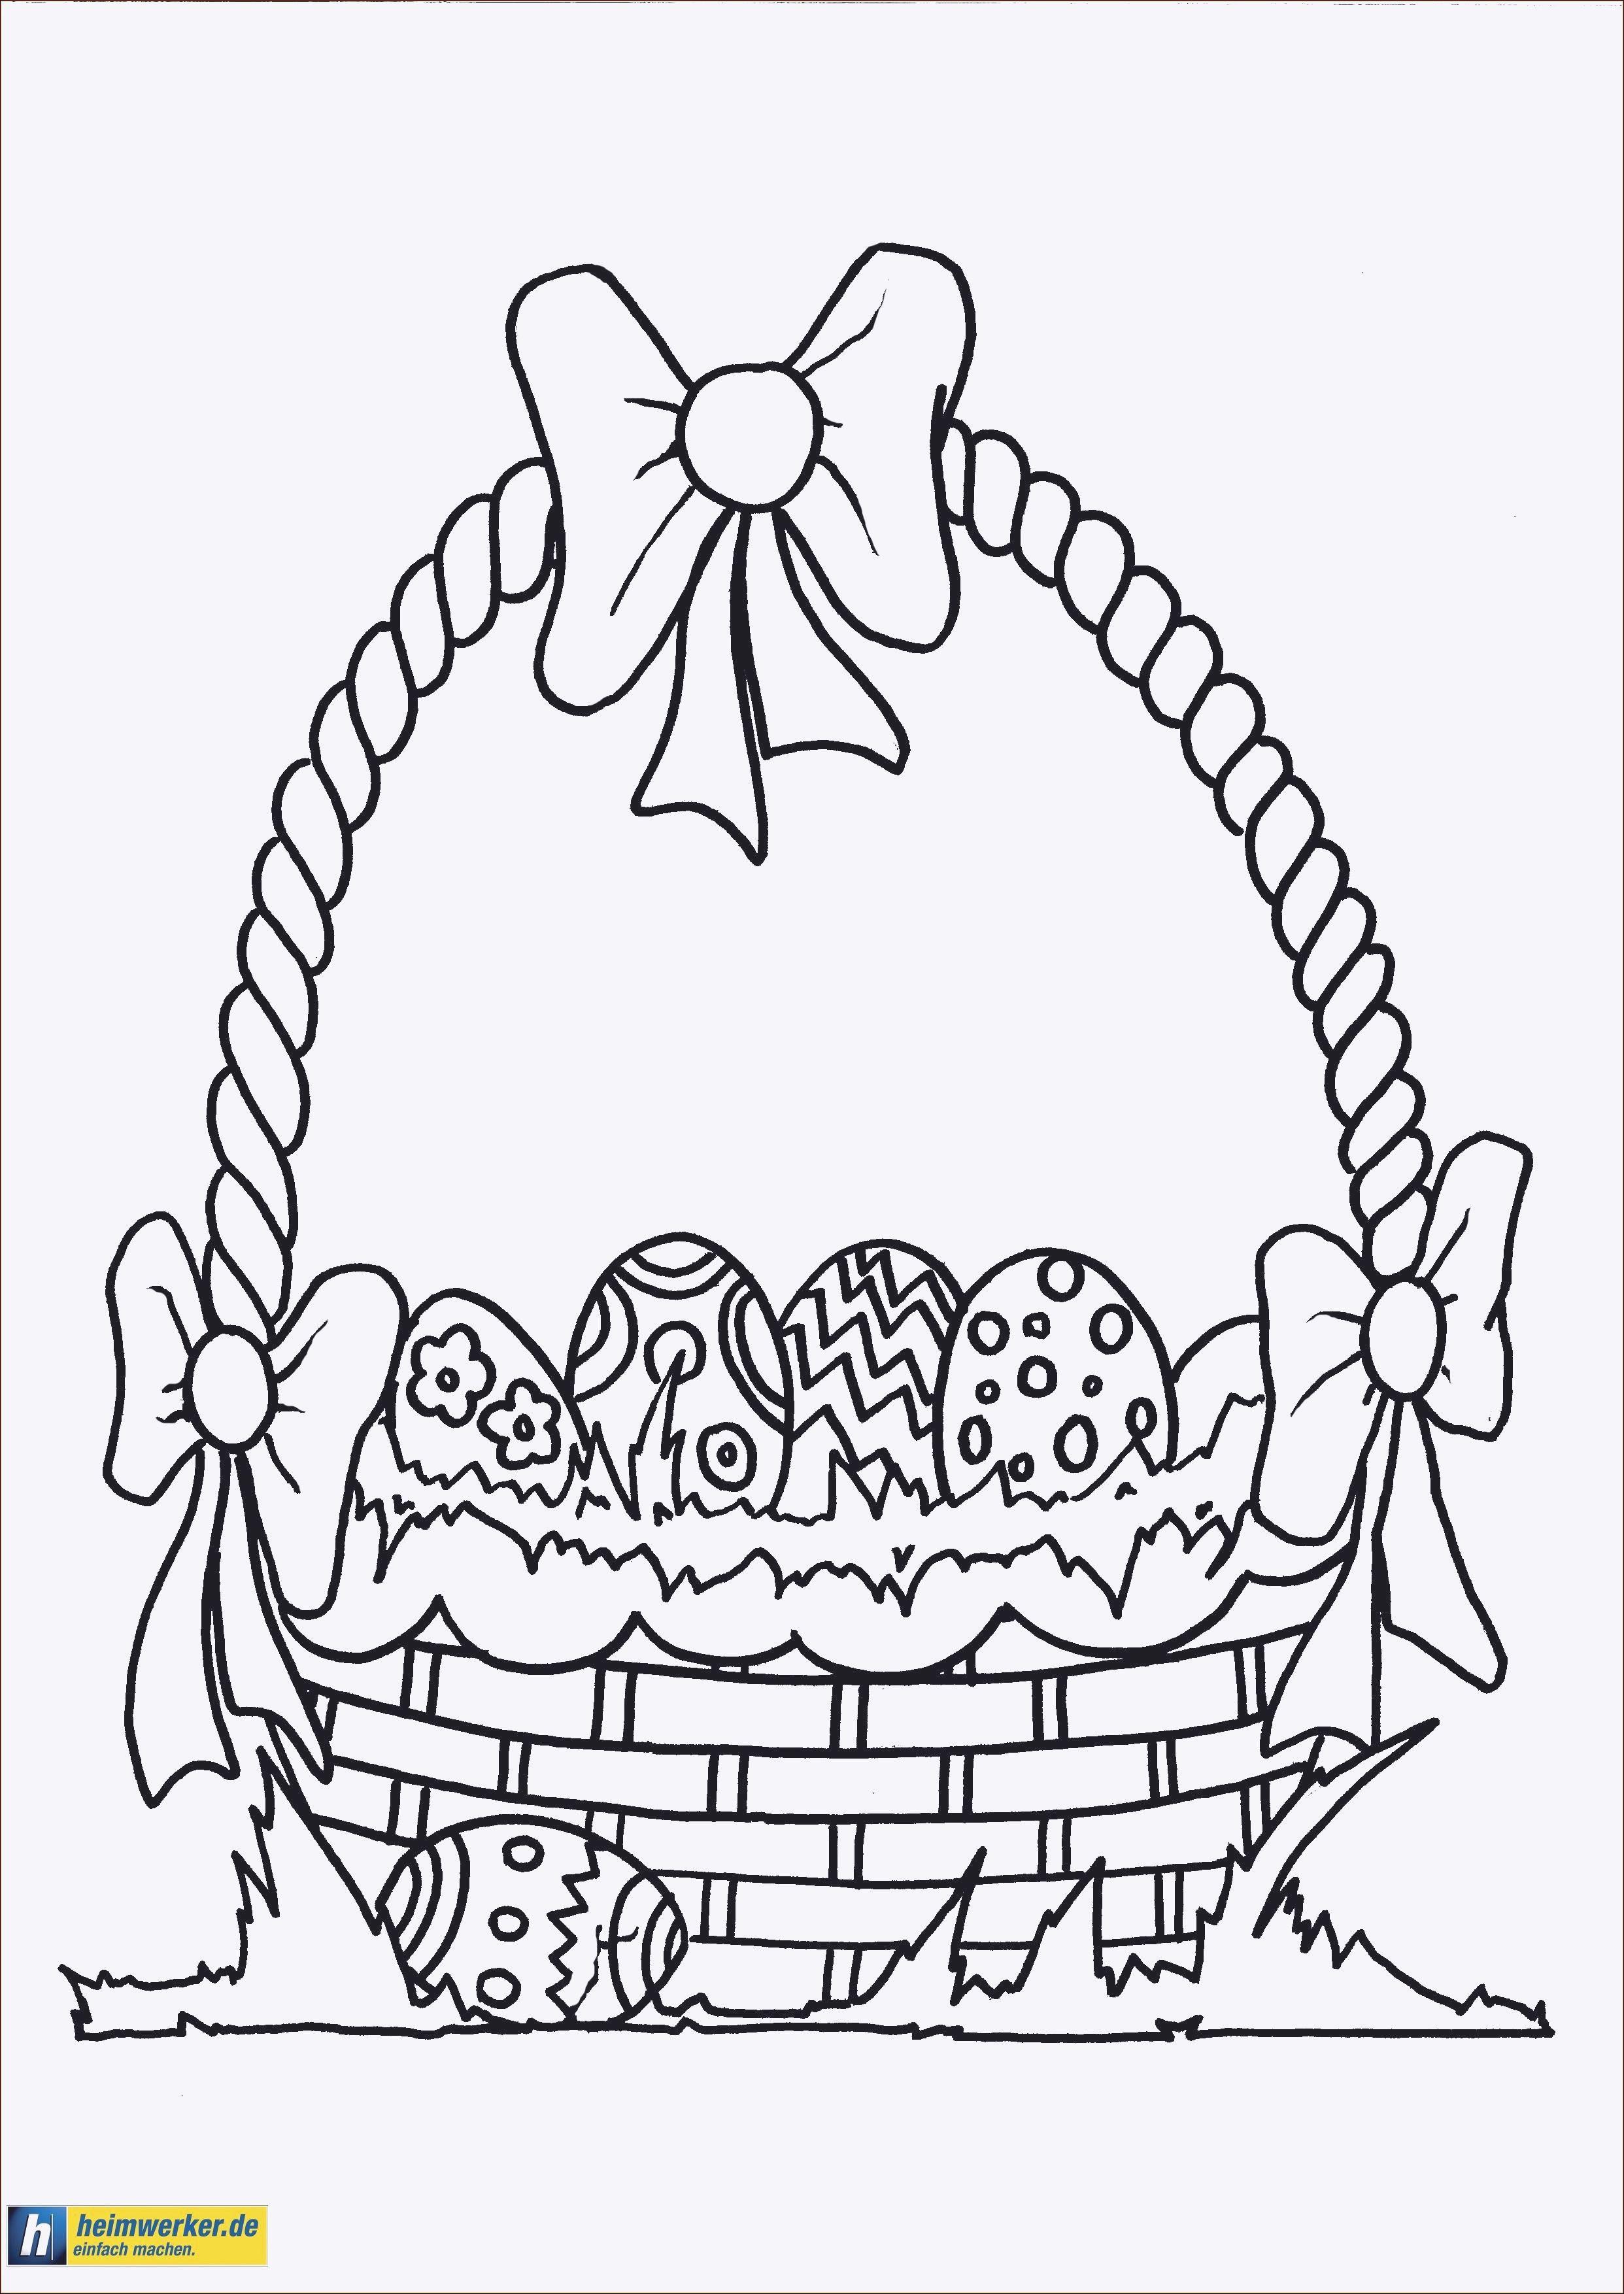 Osterhasen Bilder Kostenlos Einzigartig Ausmalbilder Ostern Kostenlos Ausdrucken Schön Ausmalbilder Fotos